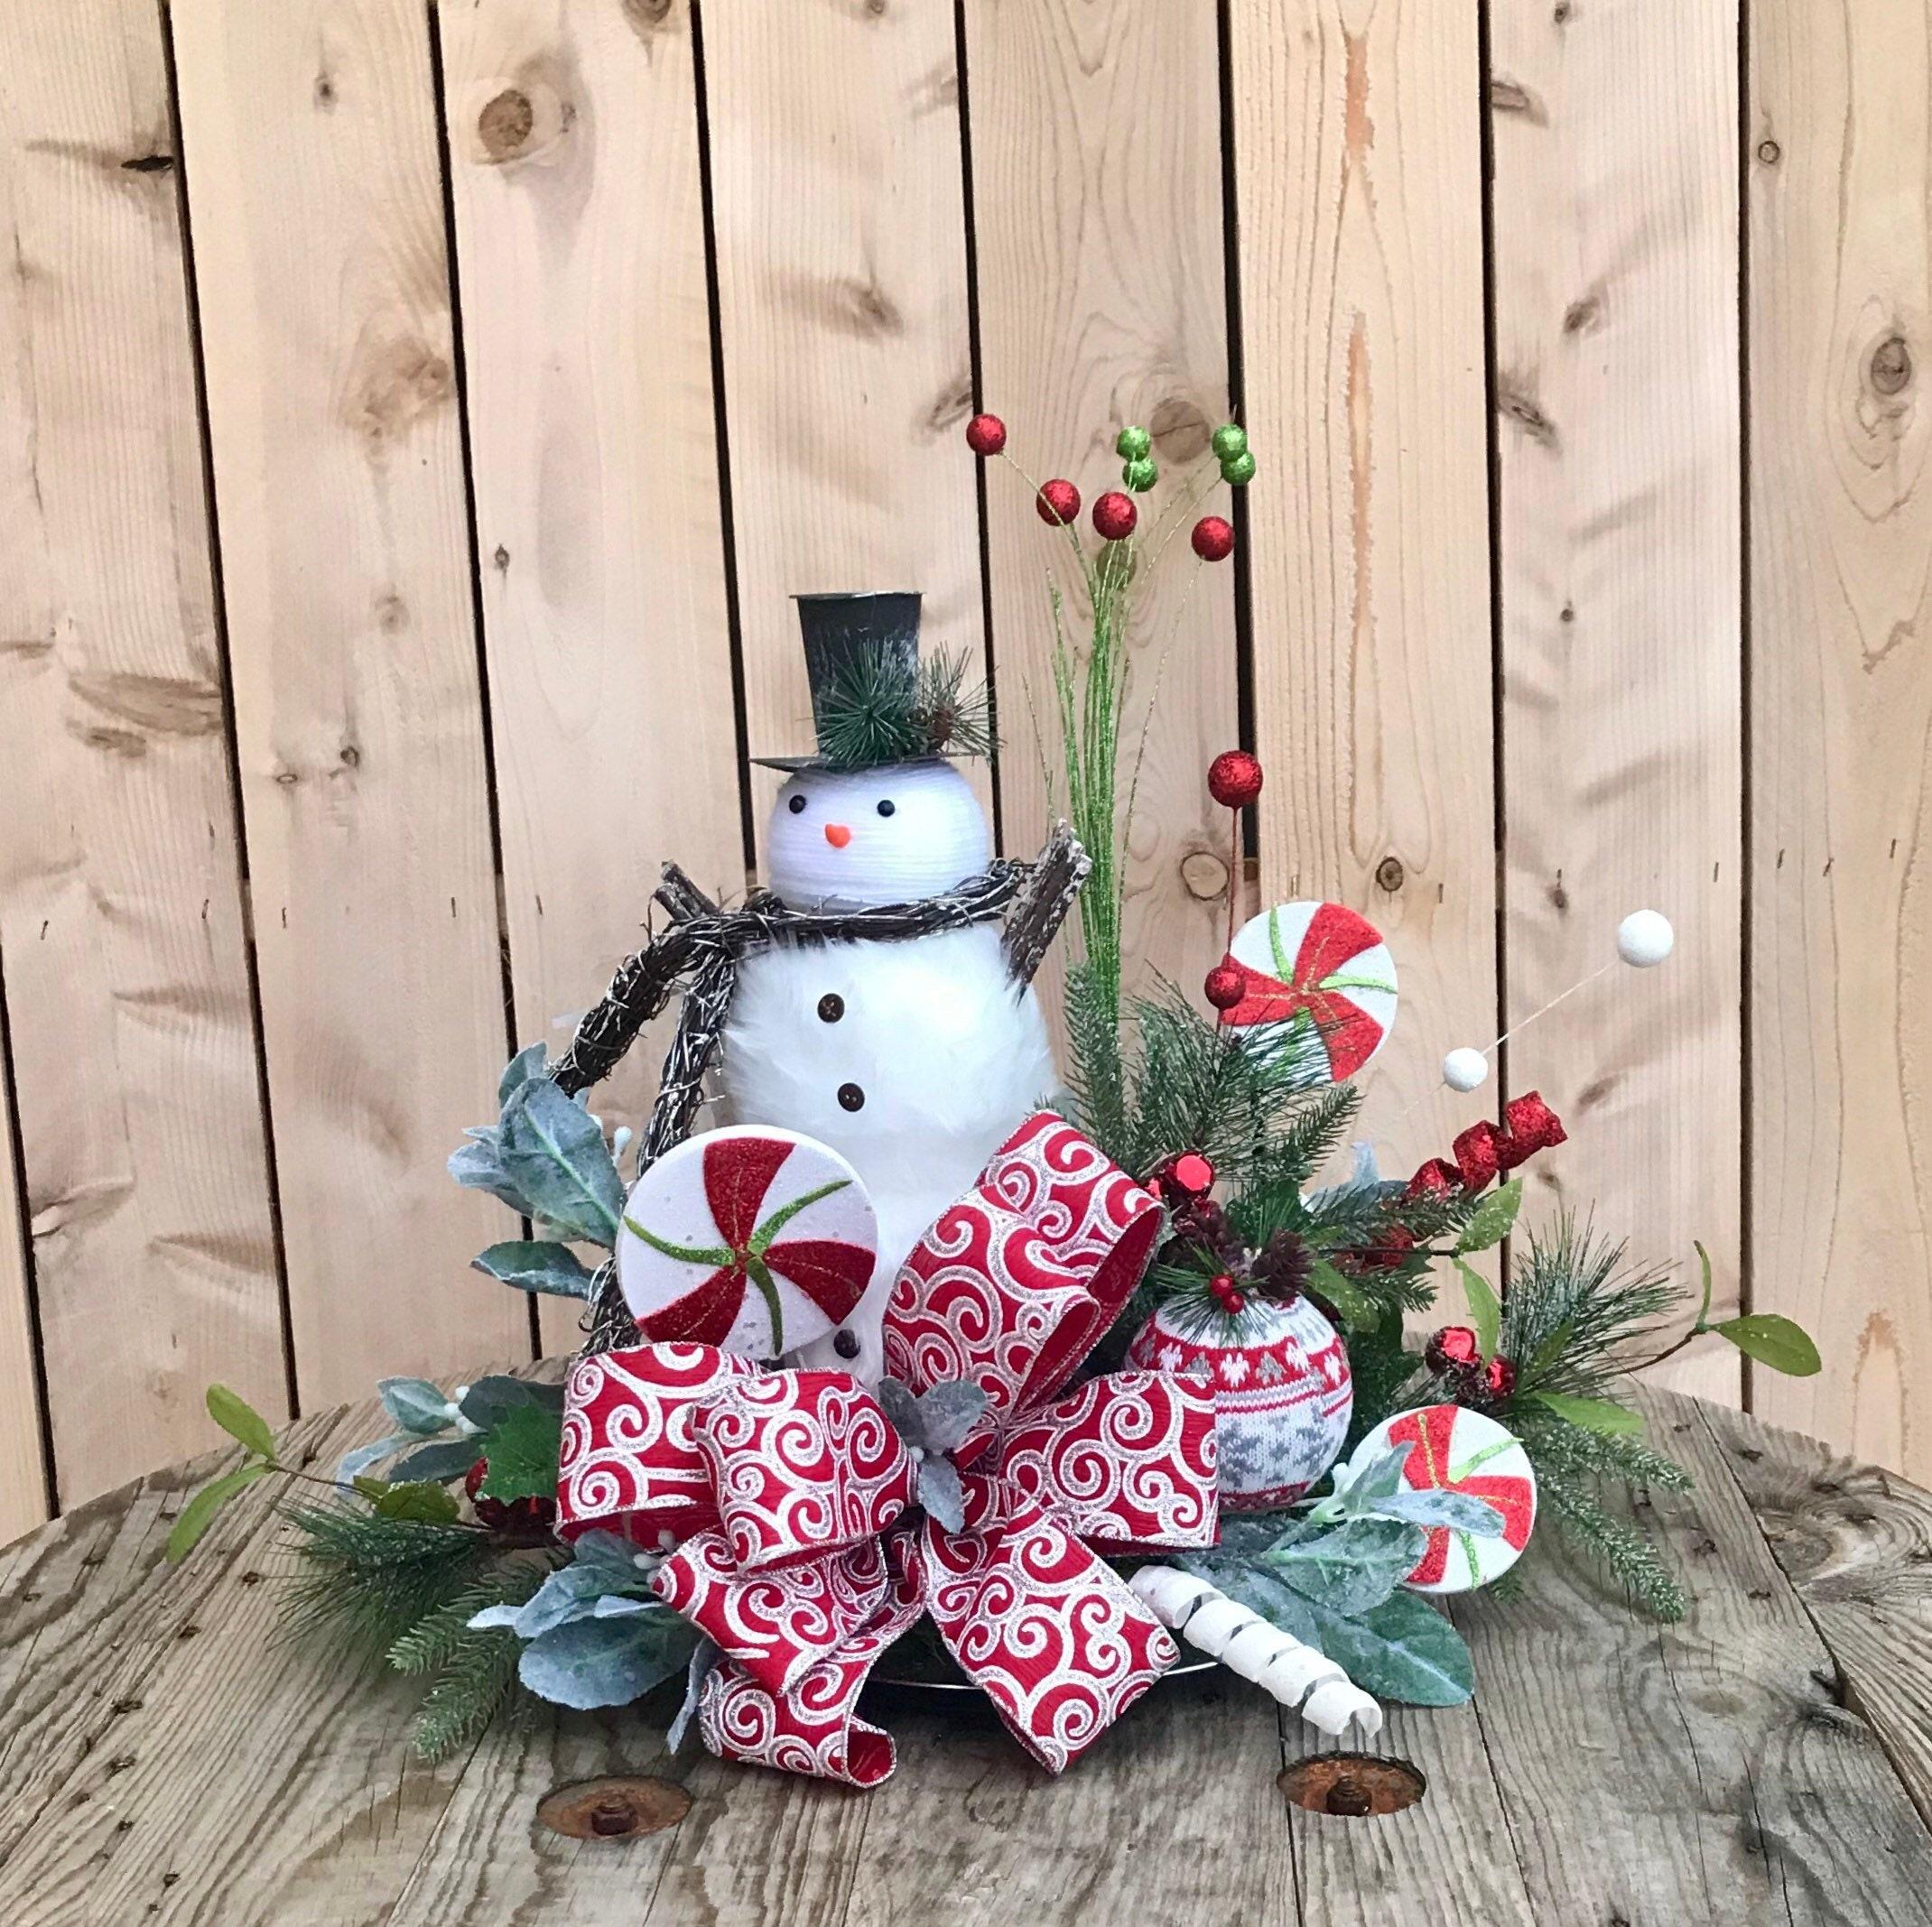 Details about  /Christmas Unique Table Decorations Snowman Showpiece Home Art /& Craft Xmas Party